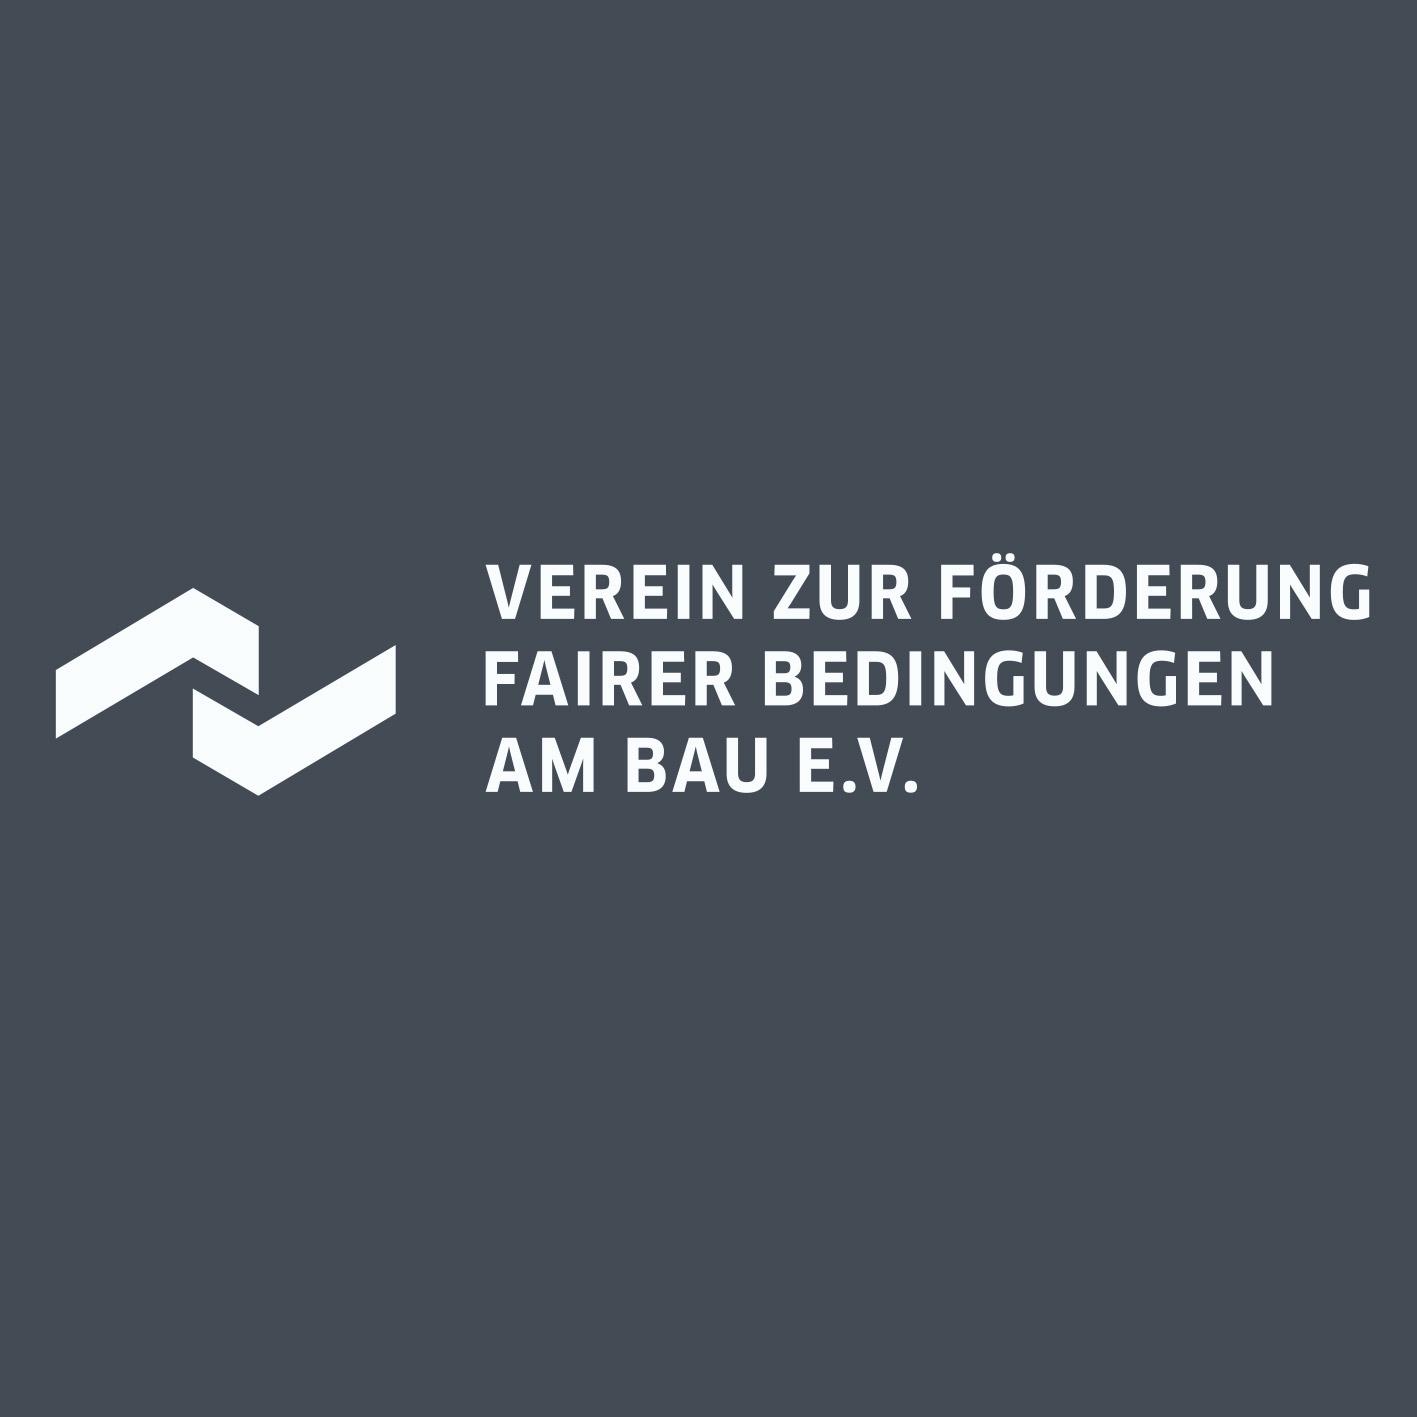 LOGO-Bau-Fair-ganz